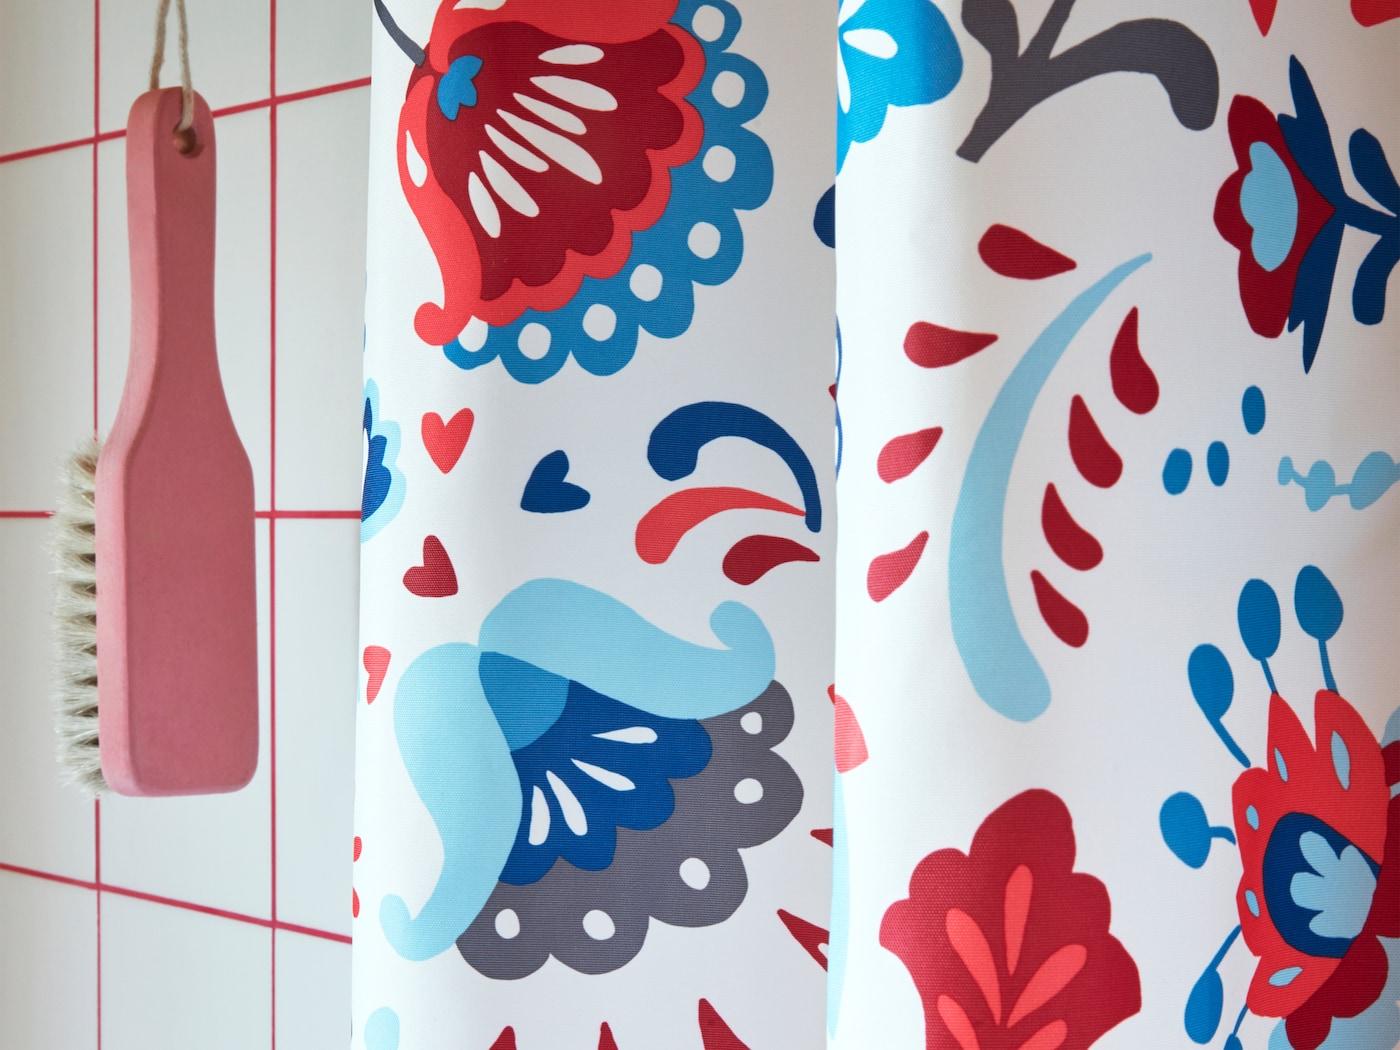 特写:KRATTA 克拉塔 浴帘,饰有传统斯堪的纳维亚风格多彩花朵图案。